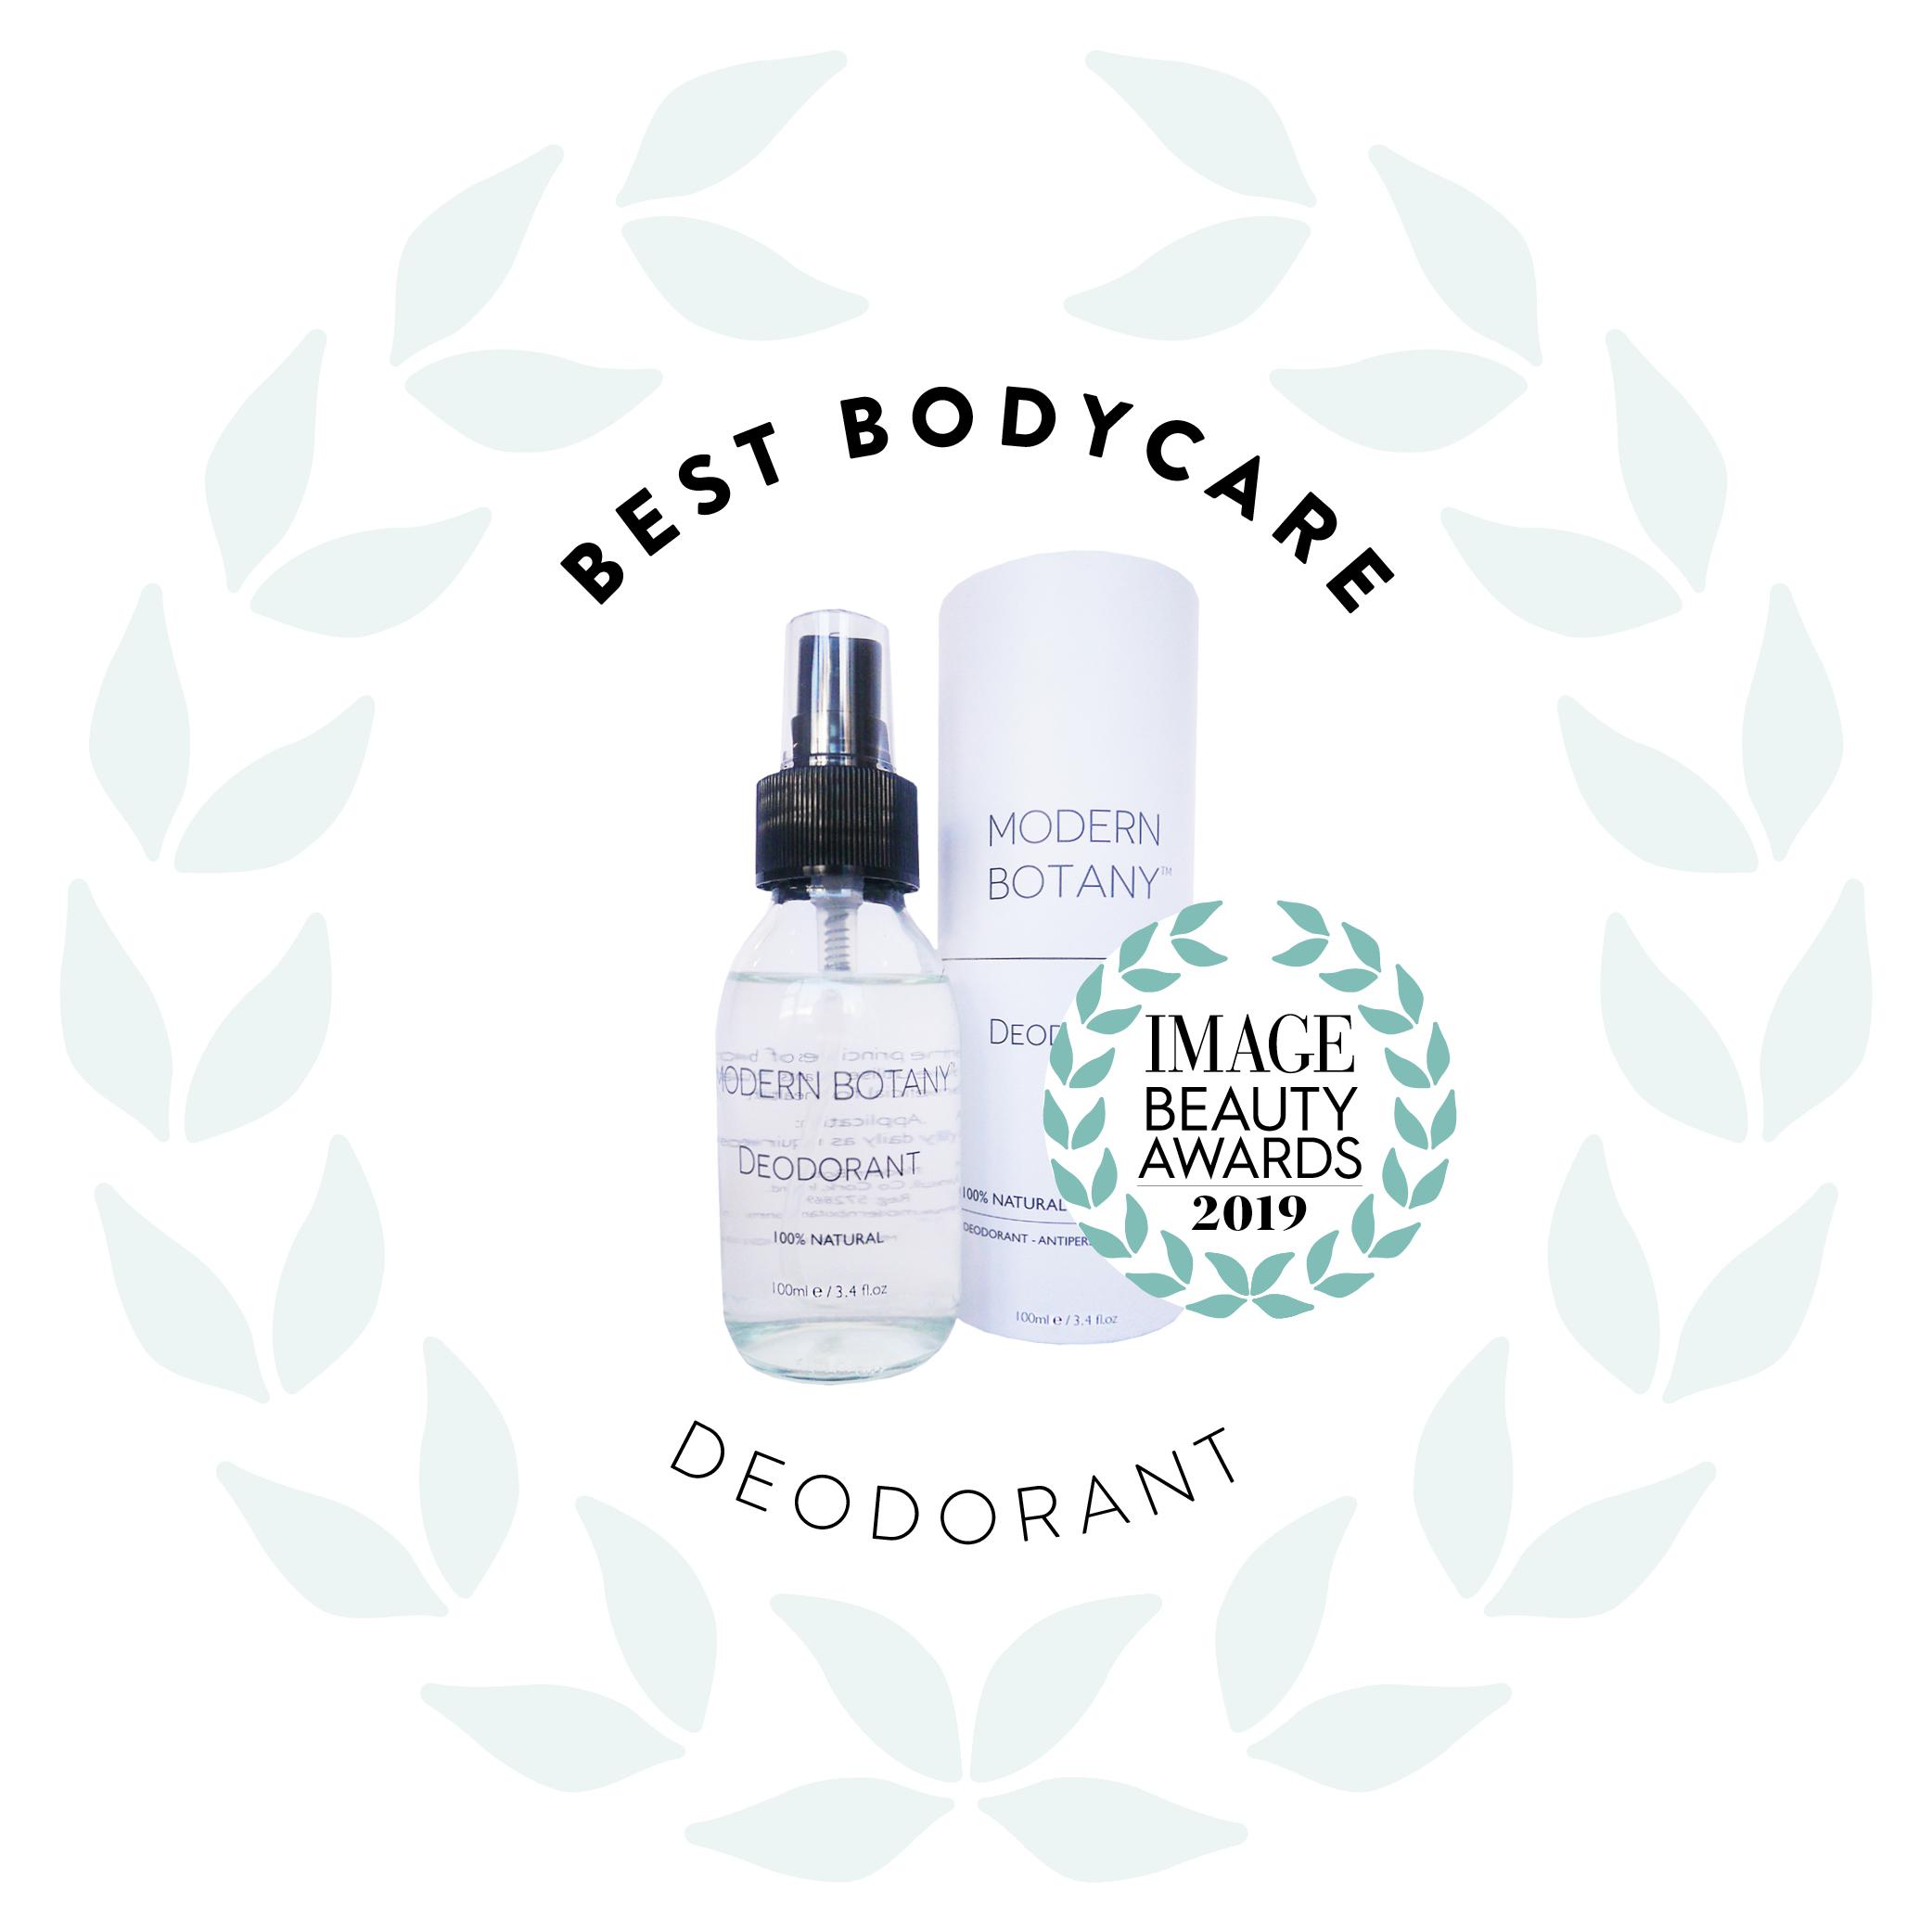 Image Magazine - Best Bodycare Award 2019